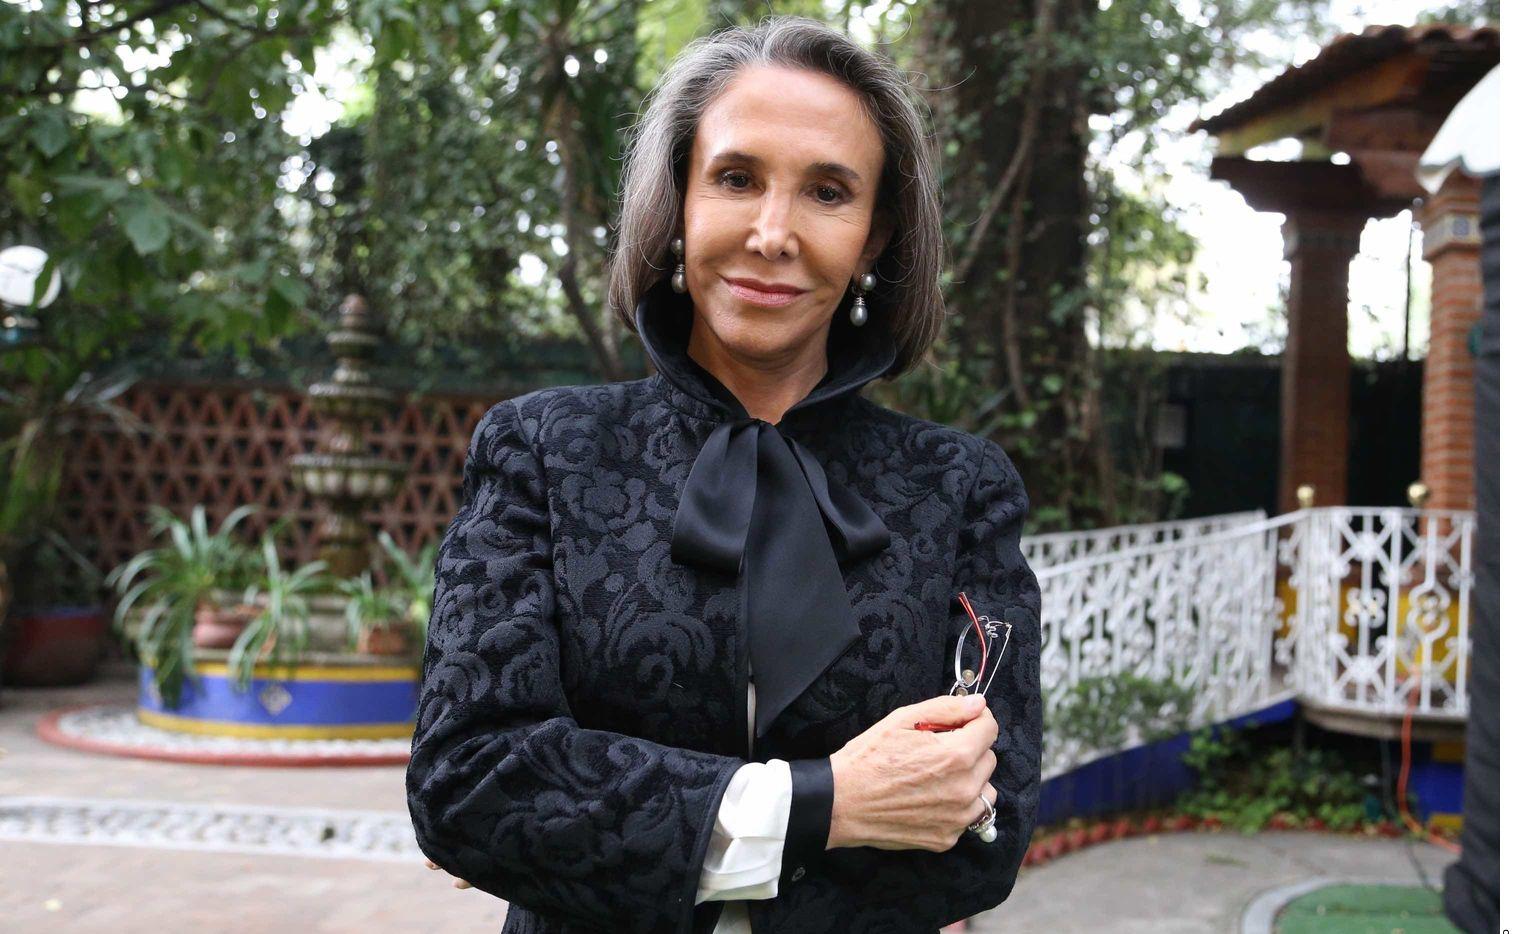 El abogado de Florinda Meza dijo que la actriz no busca arrebatarle los derechos de propiedad intelectual al actual heredero, el hijo del comediante, Roberto Gómez Fernández, sino tener los biográficos y de imagen.